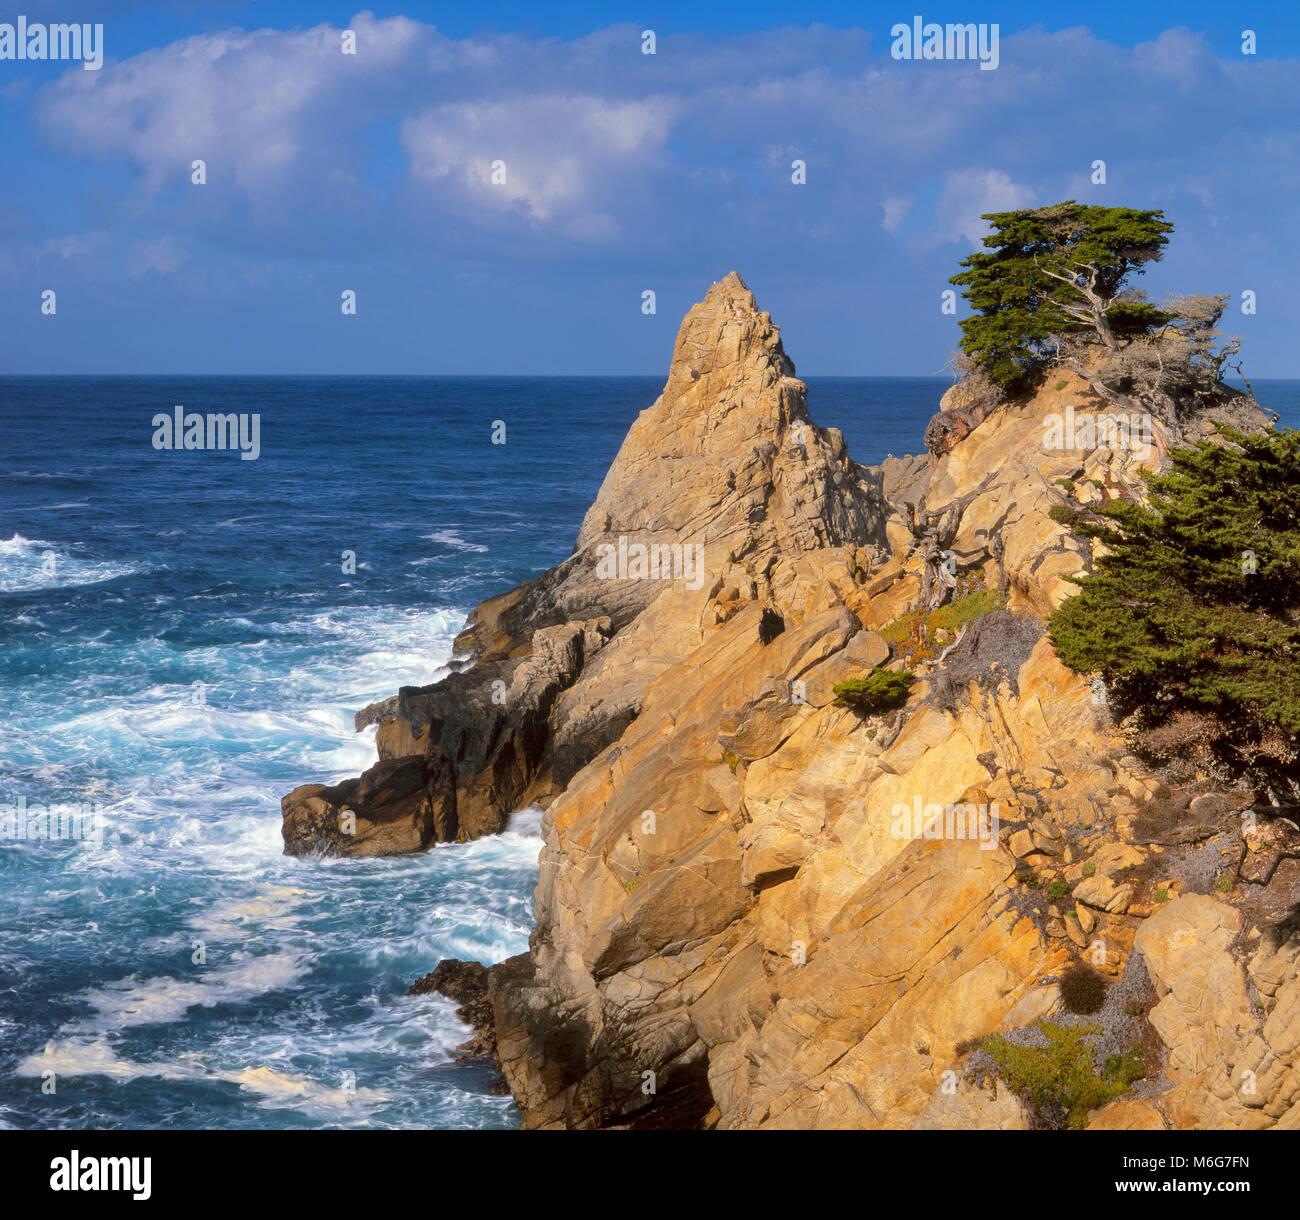 Il pinnacolo, Point Lobos State Reserve, Big Sur, Monterey County, California Immagini Stock